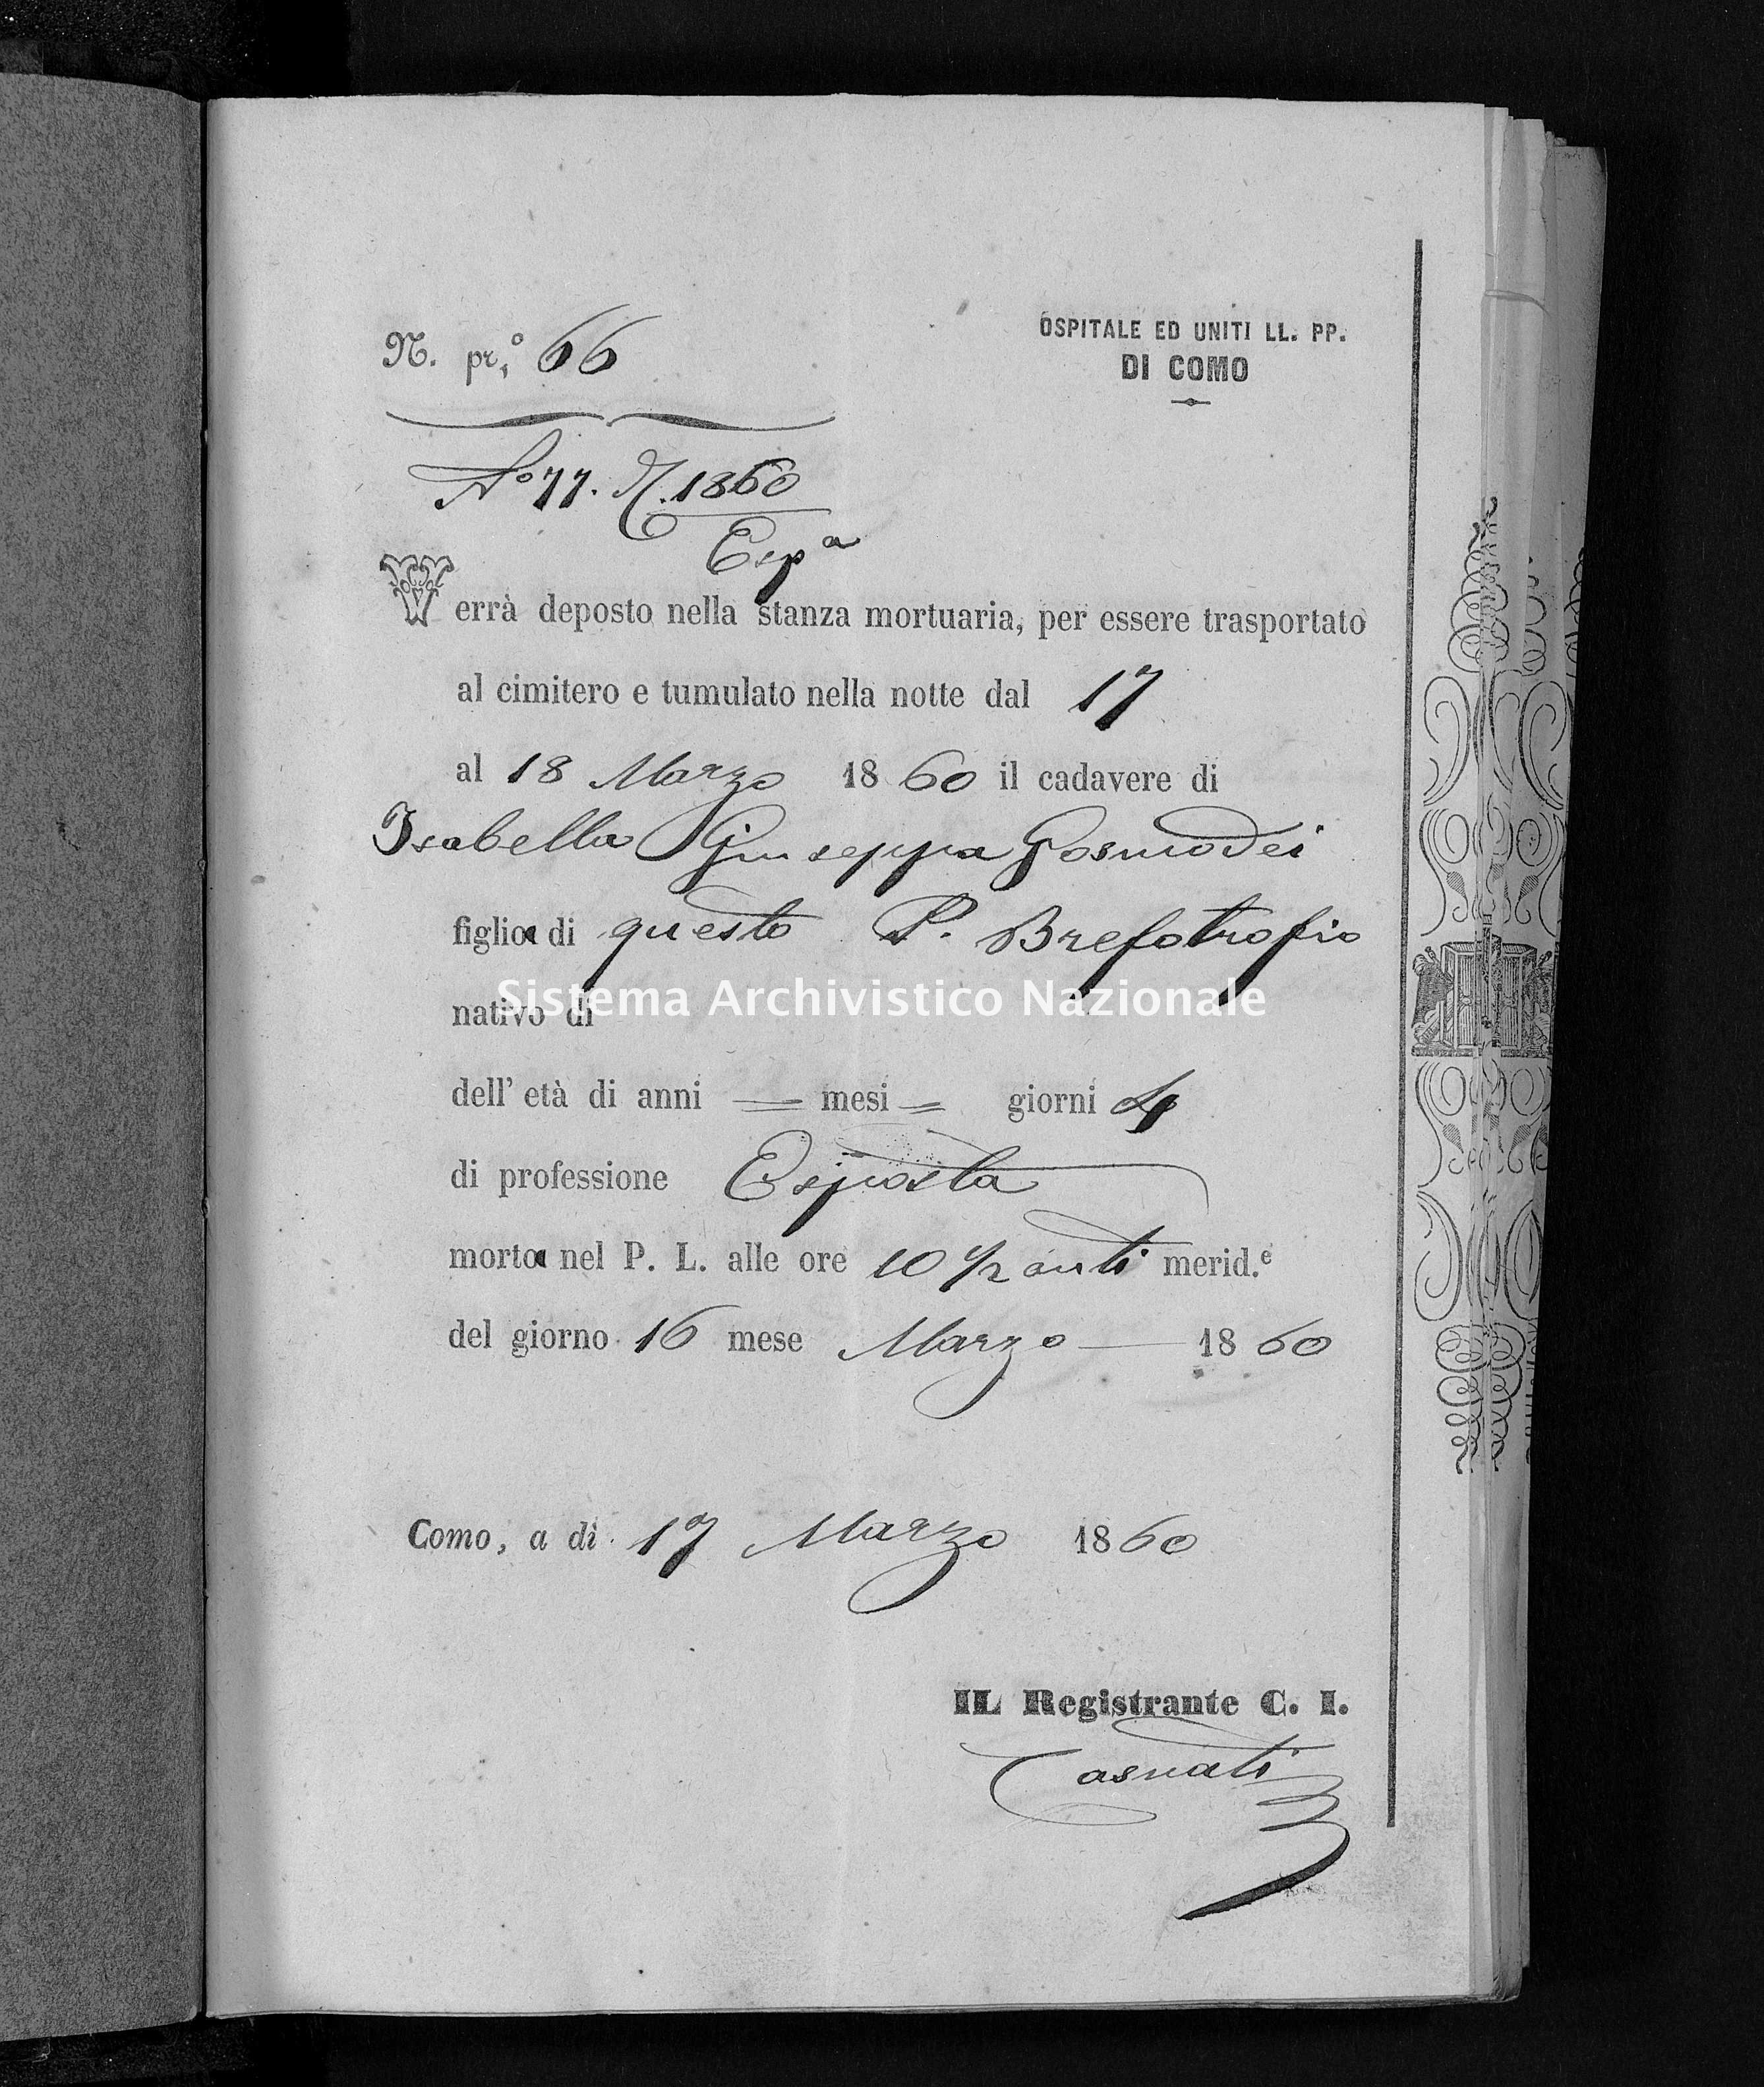 Archivio di stato di Como - Stato civile della restaurazione - Como-(Ospedale-Civico-ed-Uniti) - Morti - 1860 - 3775 -